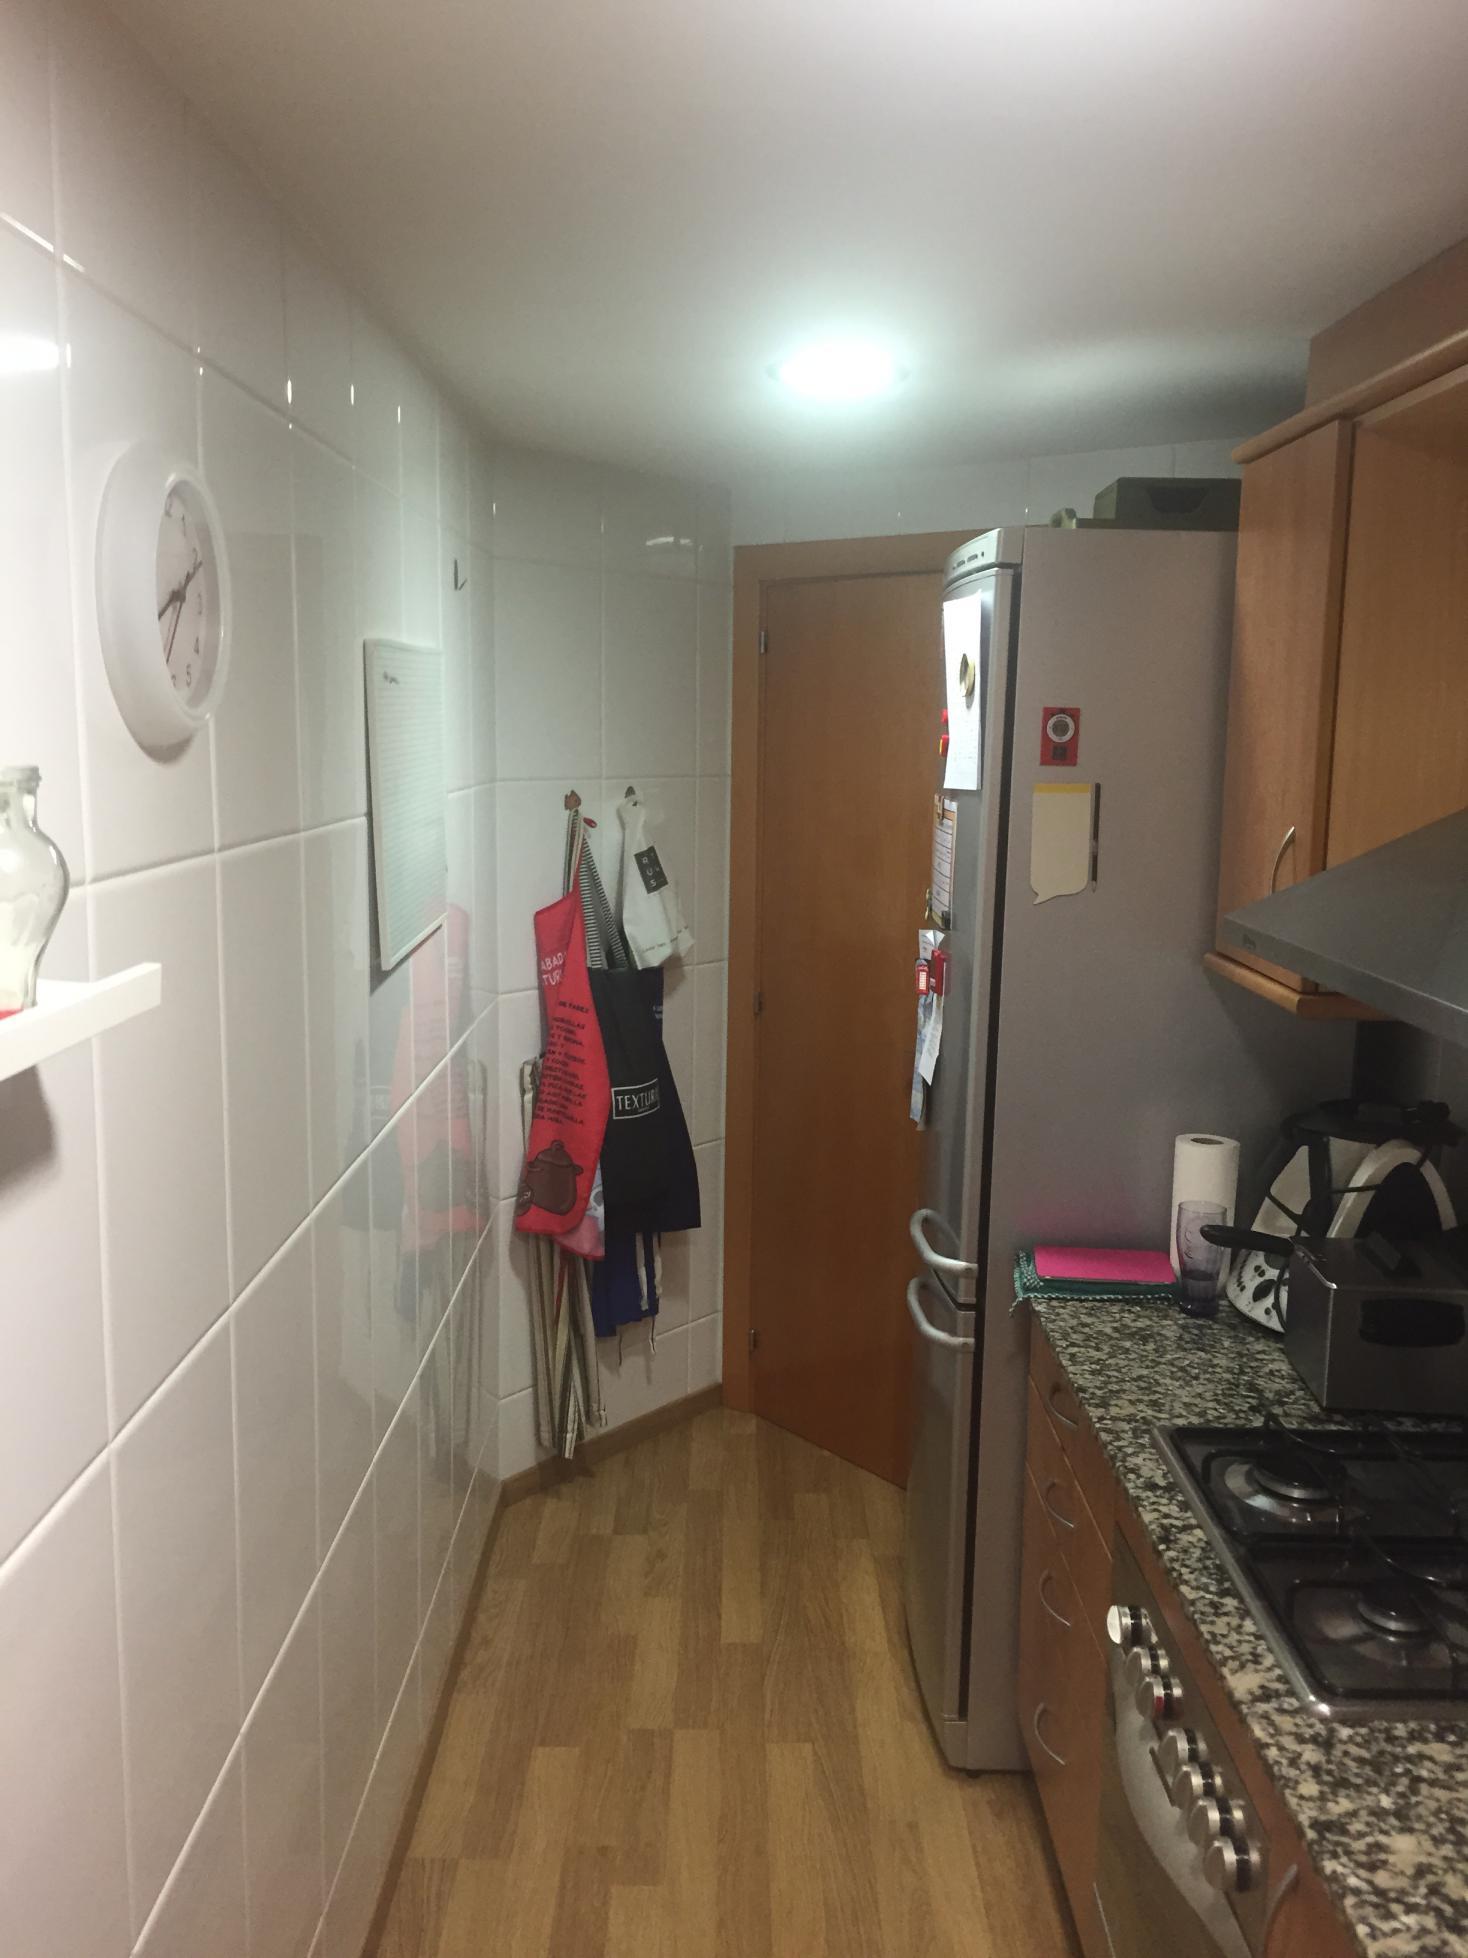 Abriendo la cocina al salón. E&G - Renova Interiors